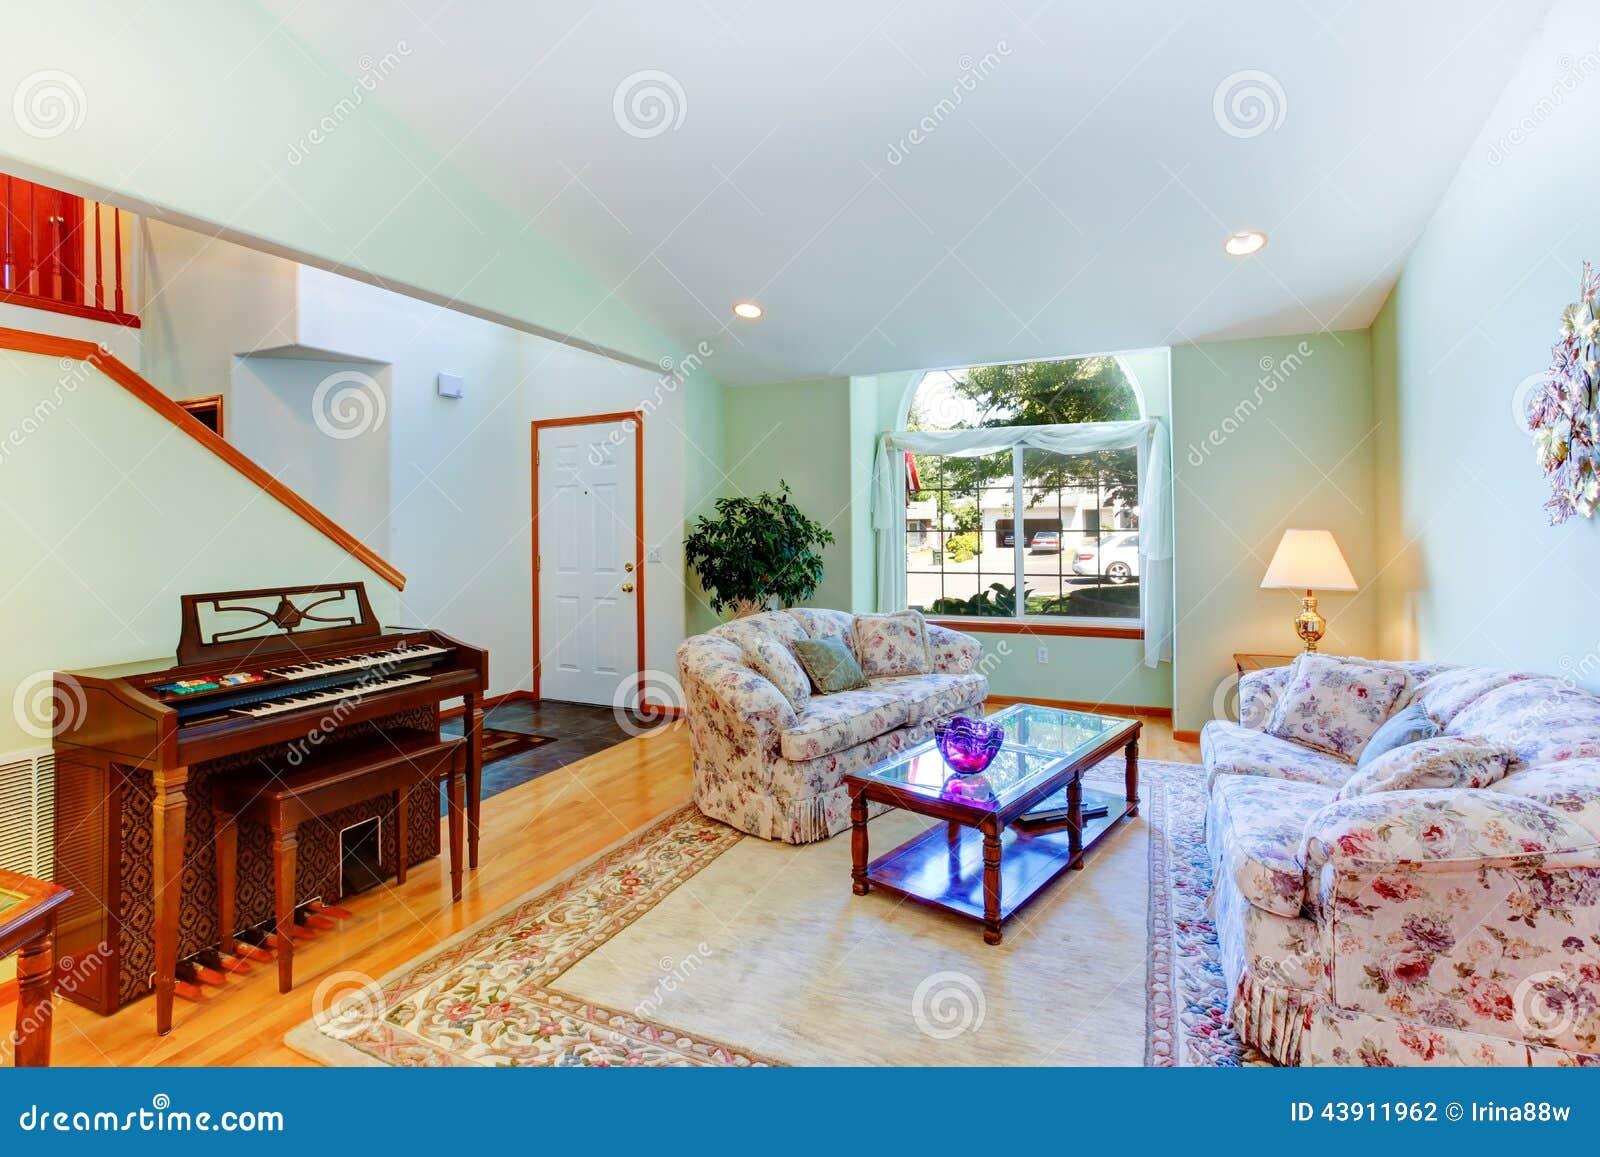 Muebles Hoja De Menta - Sala De Estar Ligera De La Menta Con Muebles Y El Piano Florales [mjhdah]https://i.pinimg.com/originals/c6/46/91/c646914bcdc188c91e7859d0f97449f5.jpg